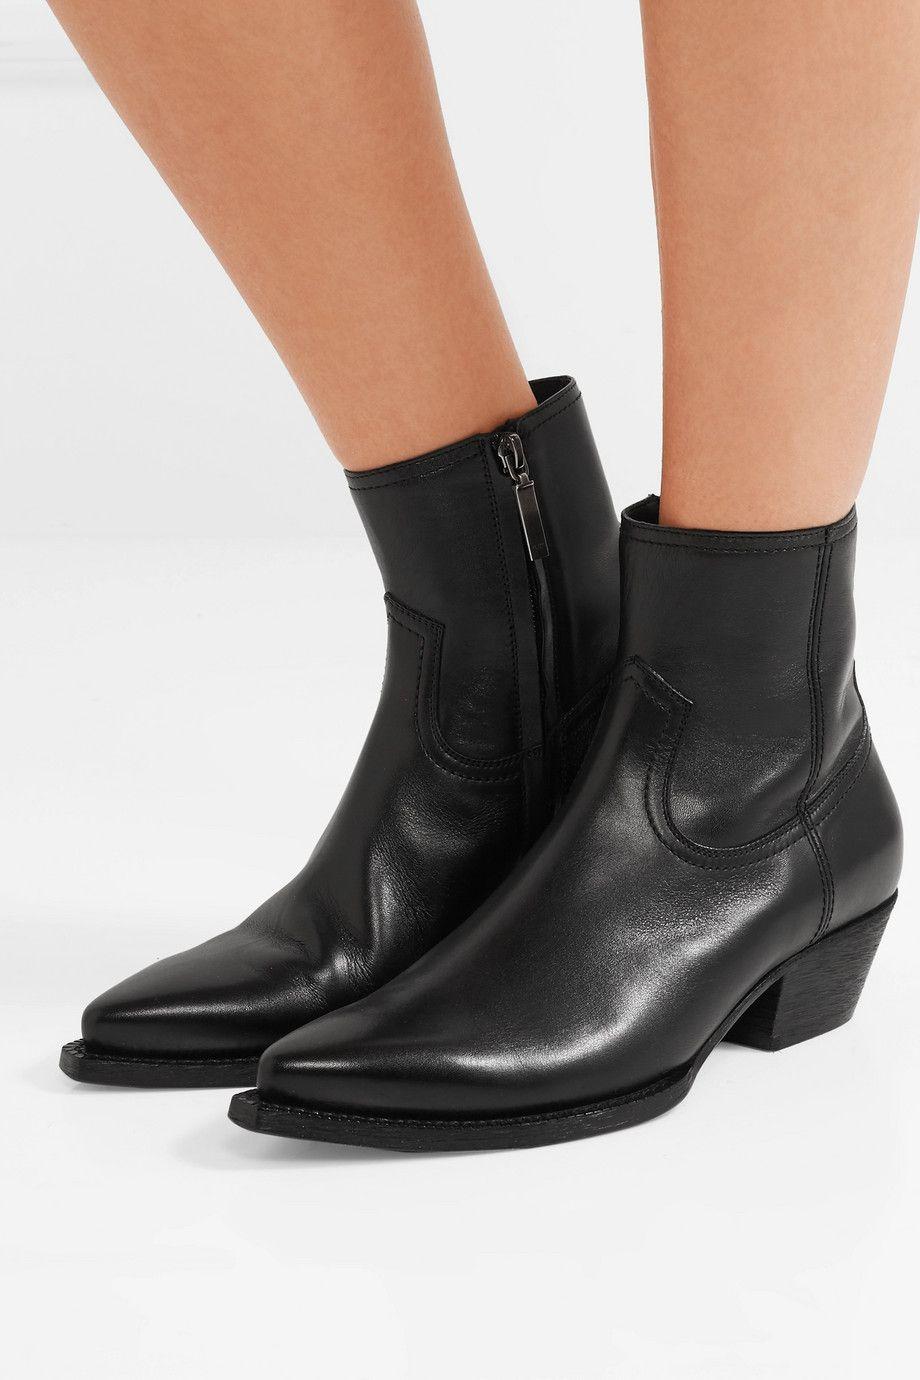 b9ab1ea94033 Saint Laurent | Lukas leather ankle boots | NET-A-PORTER.COM ...